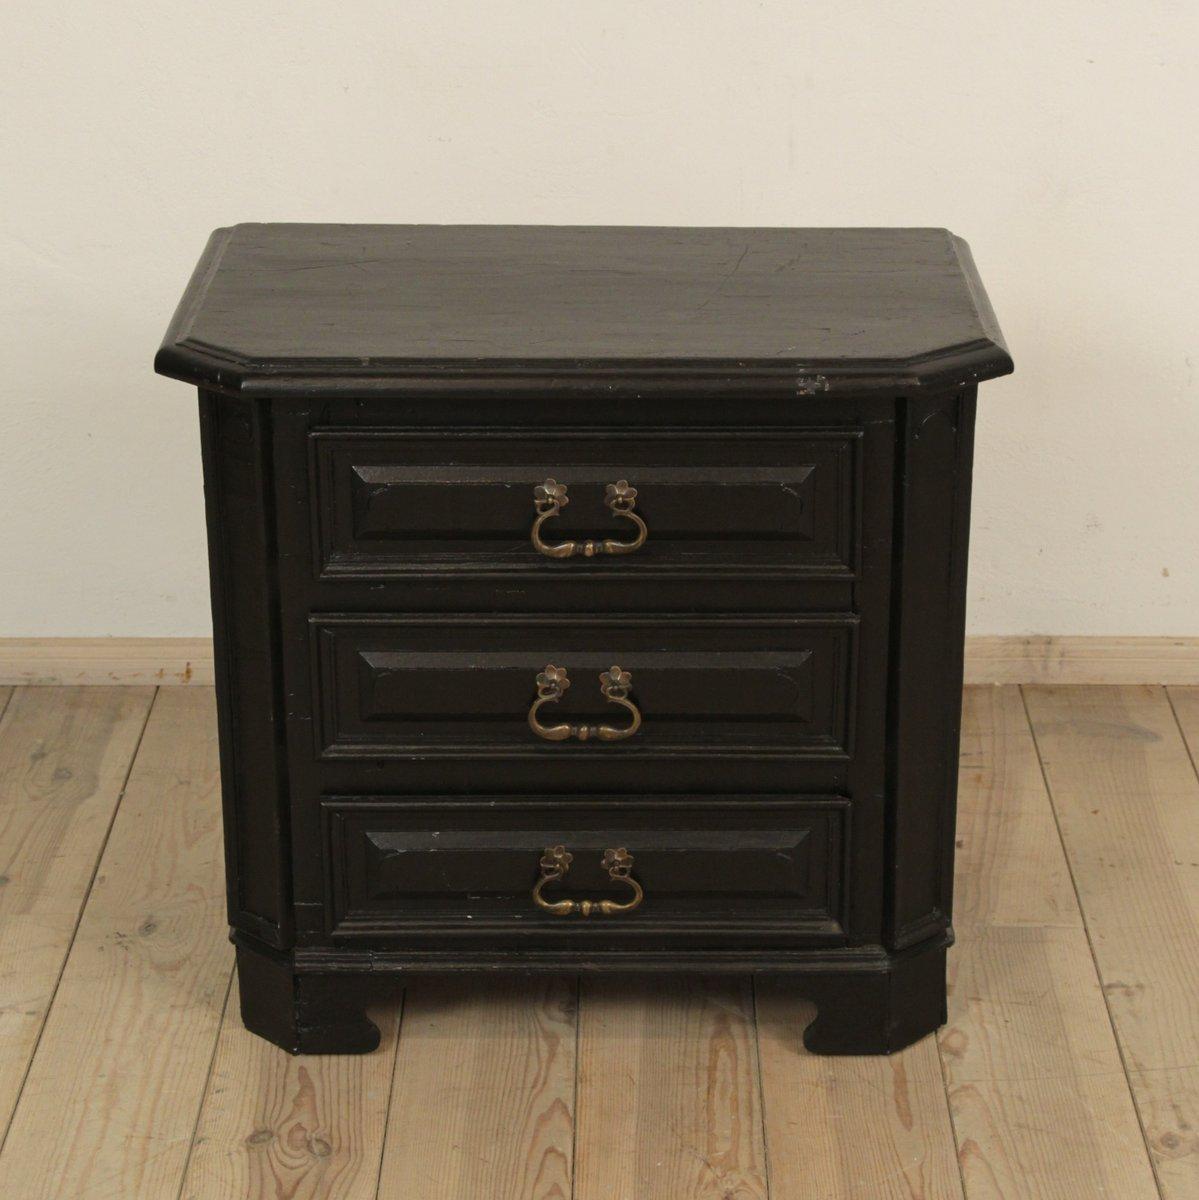 kleine antike schwarz lackierte holzkommode 1810 bei pamono kaufen. Black Bedroom Furniture Sets. Home Design Ideas